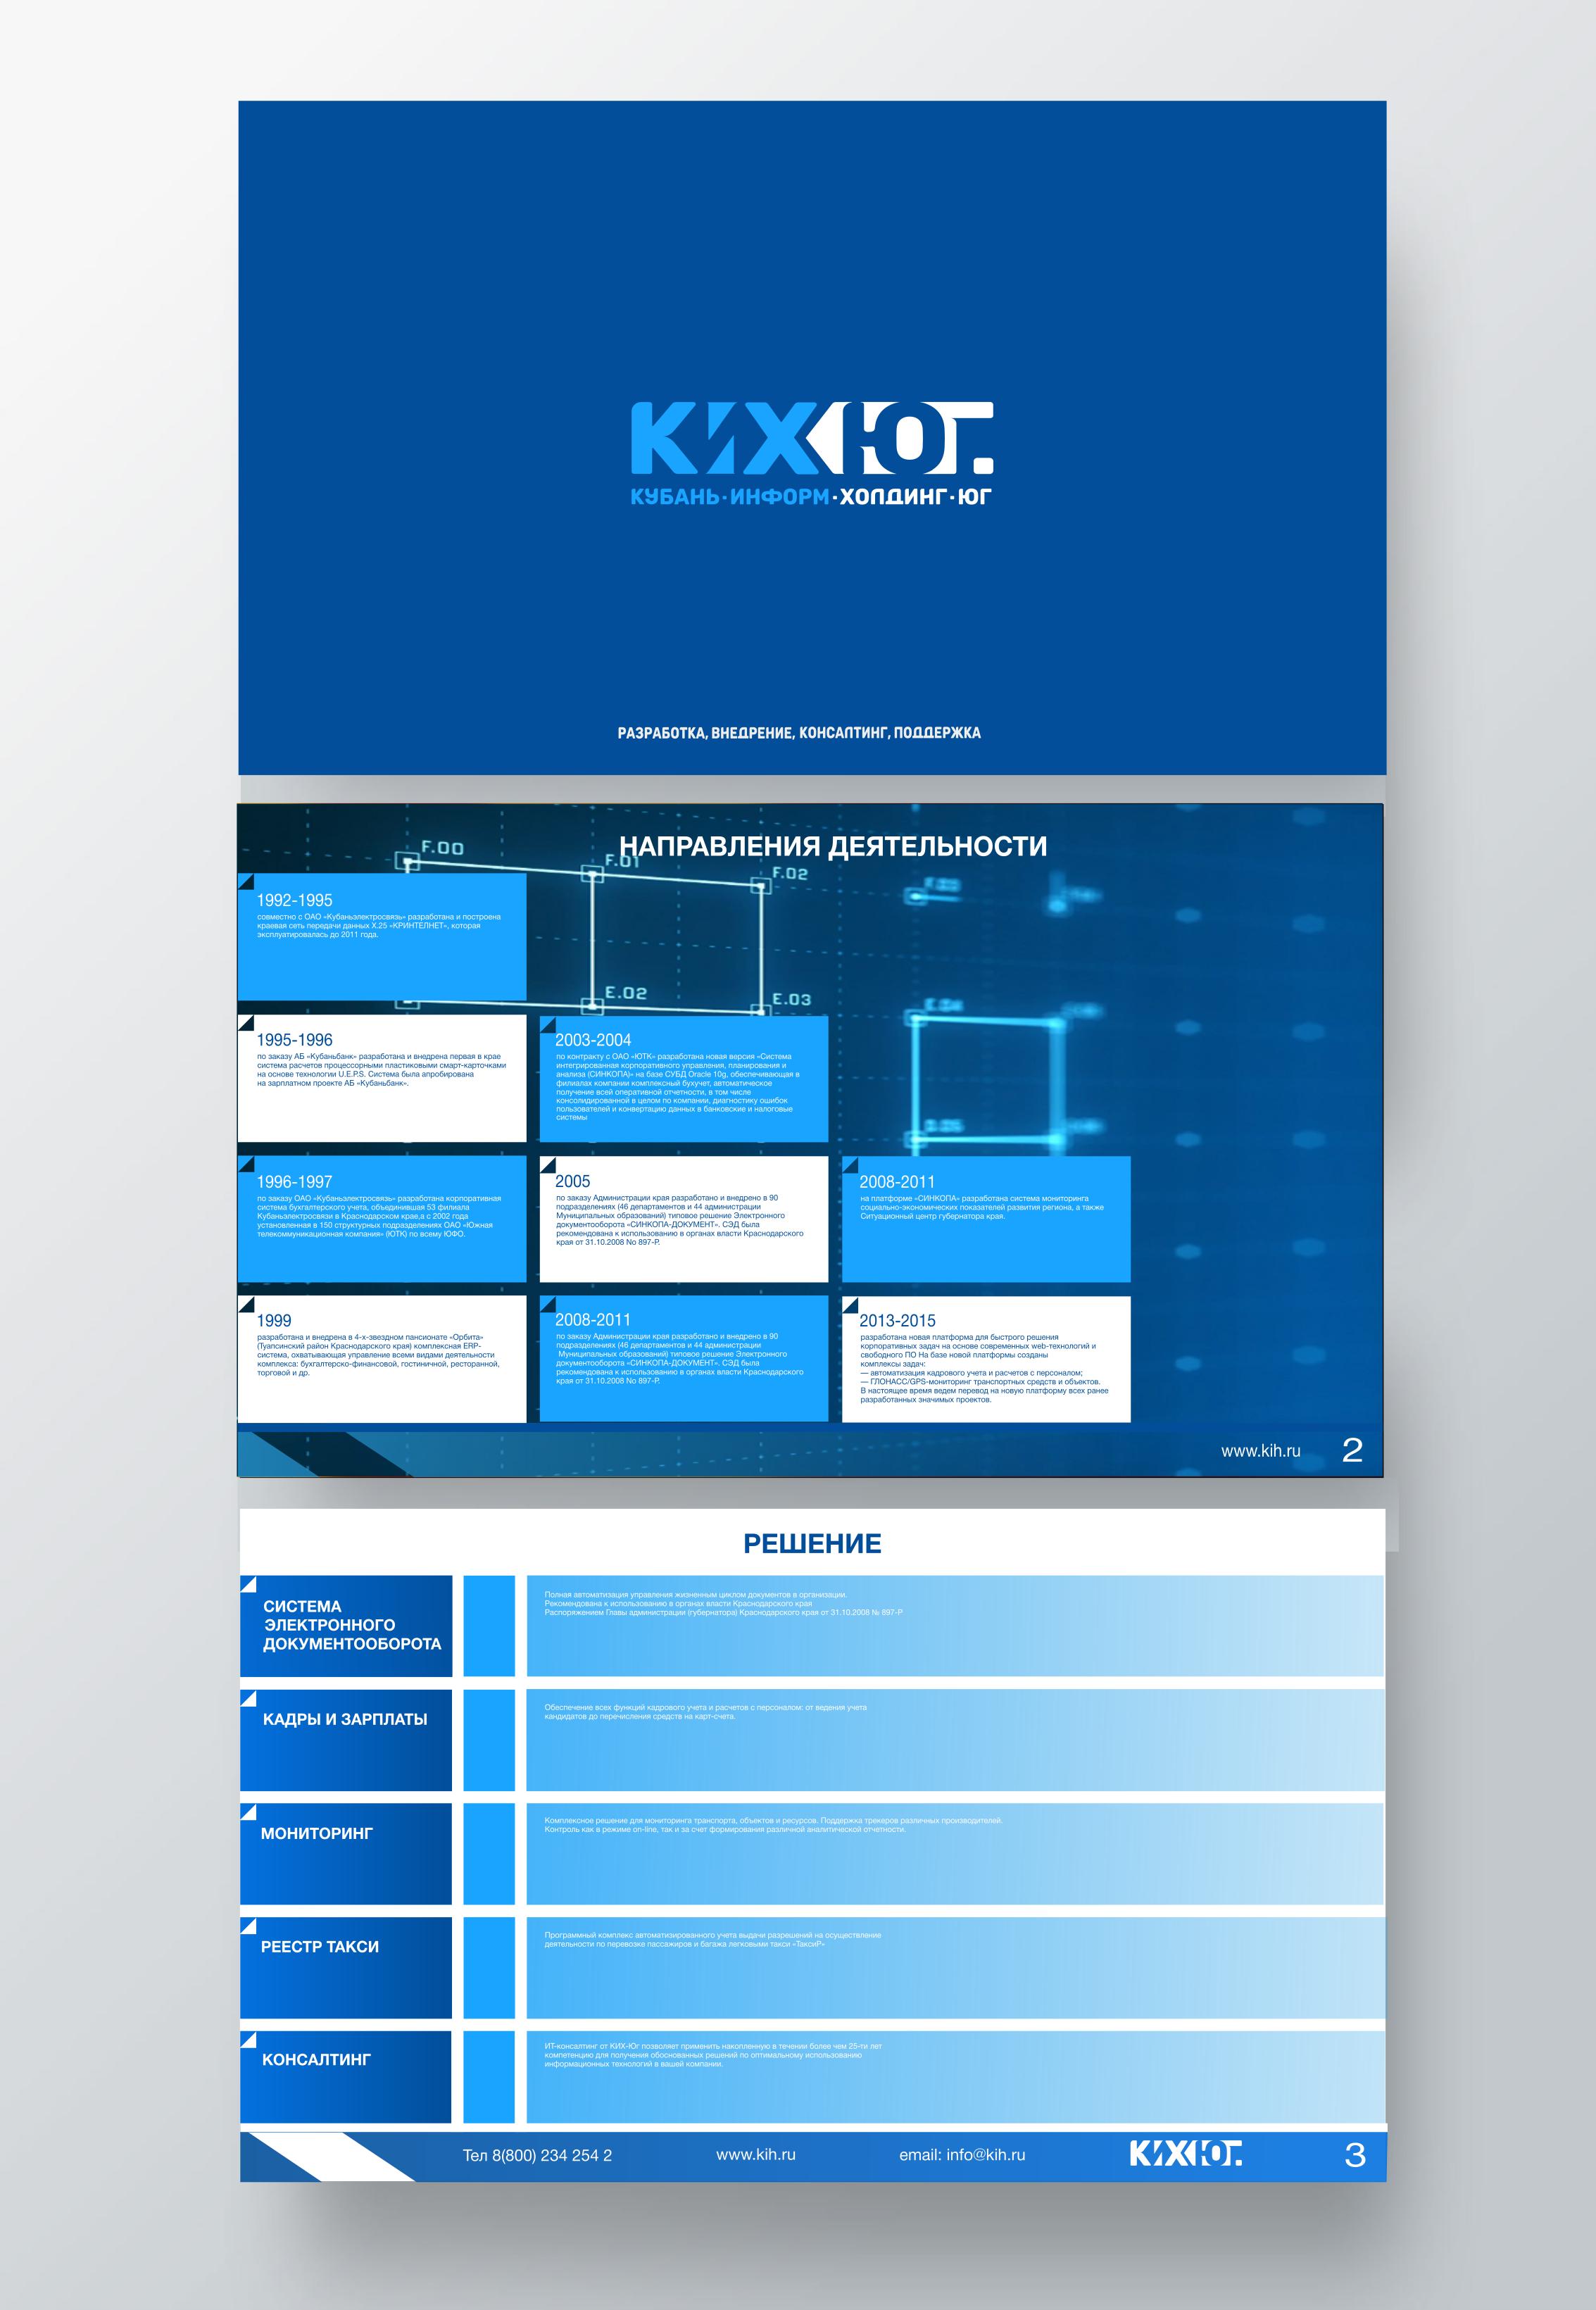 Разработка логотипа и Презентация шаблона КИХ- ЮГ